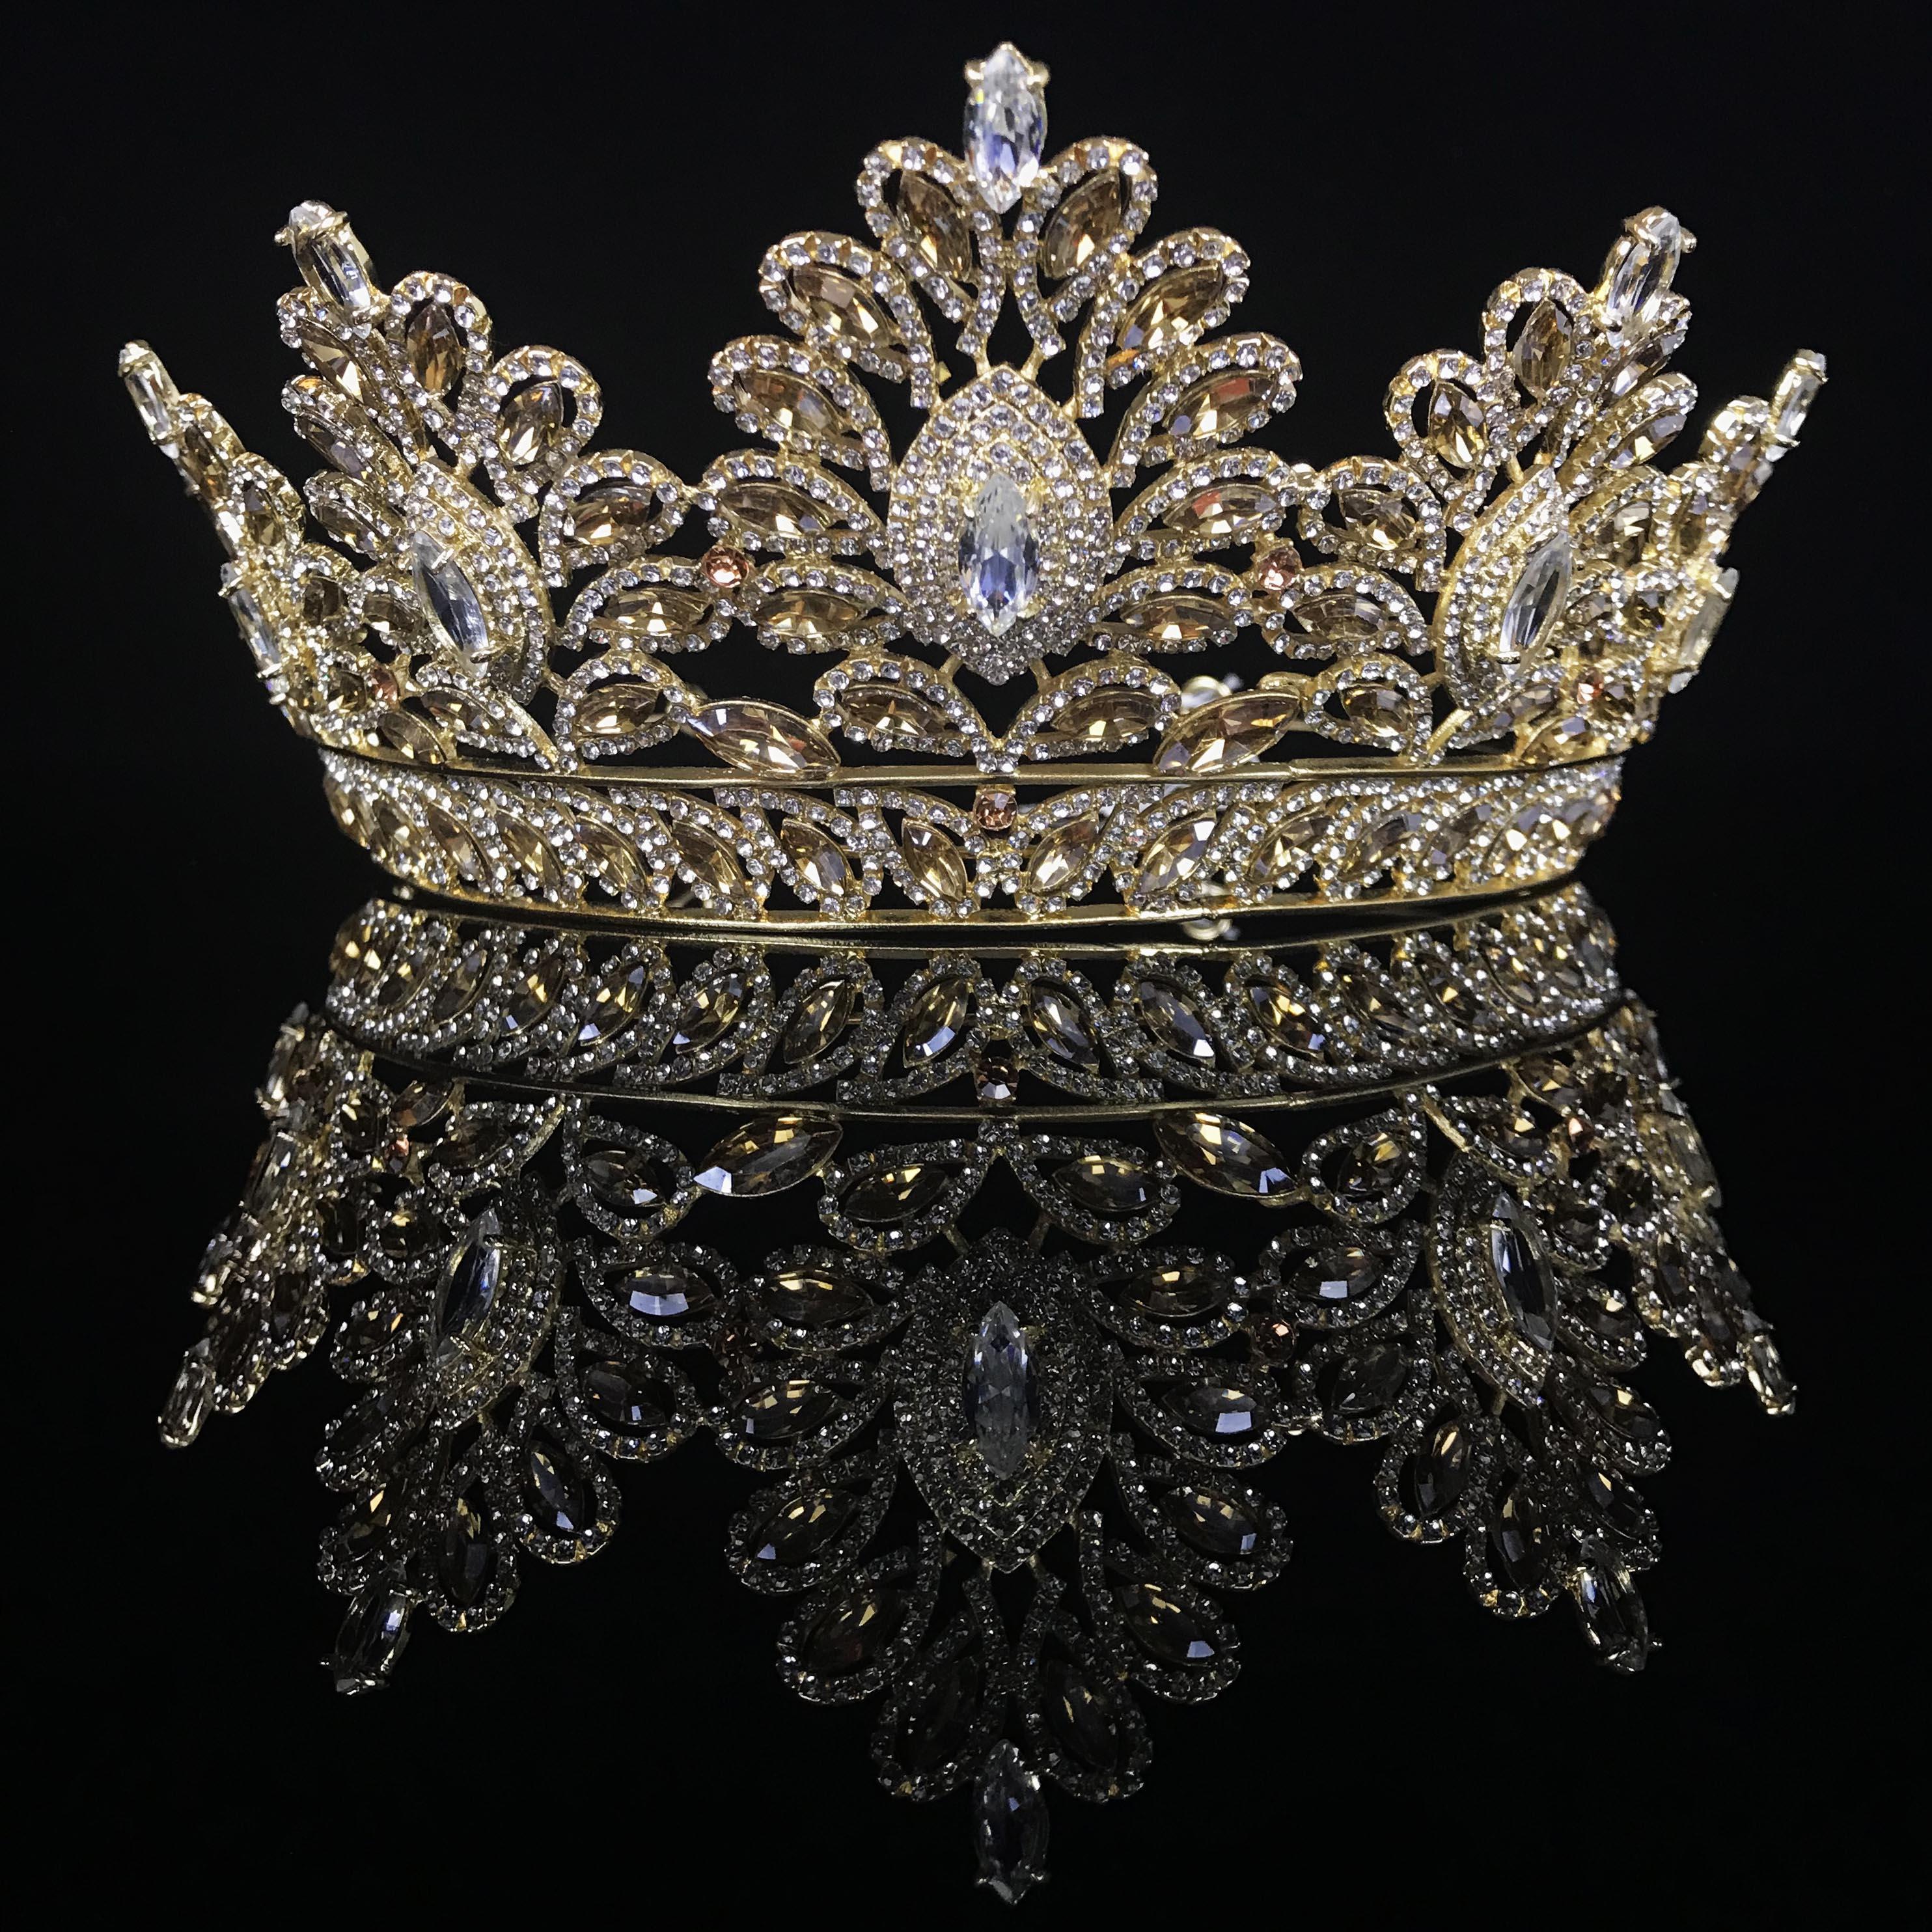 Yeni Lüks Kristaller Gelin Taçları Tiaras Kafa Düğün Kuyumcular Doğum Günü Partisi Prenses Taç Saç Dekorları Jewel Gelinler Takı